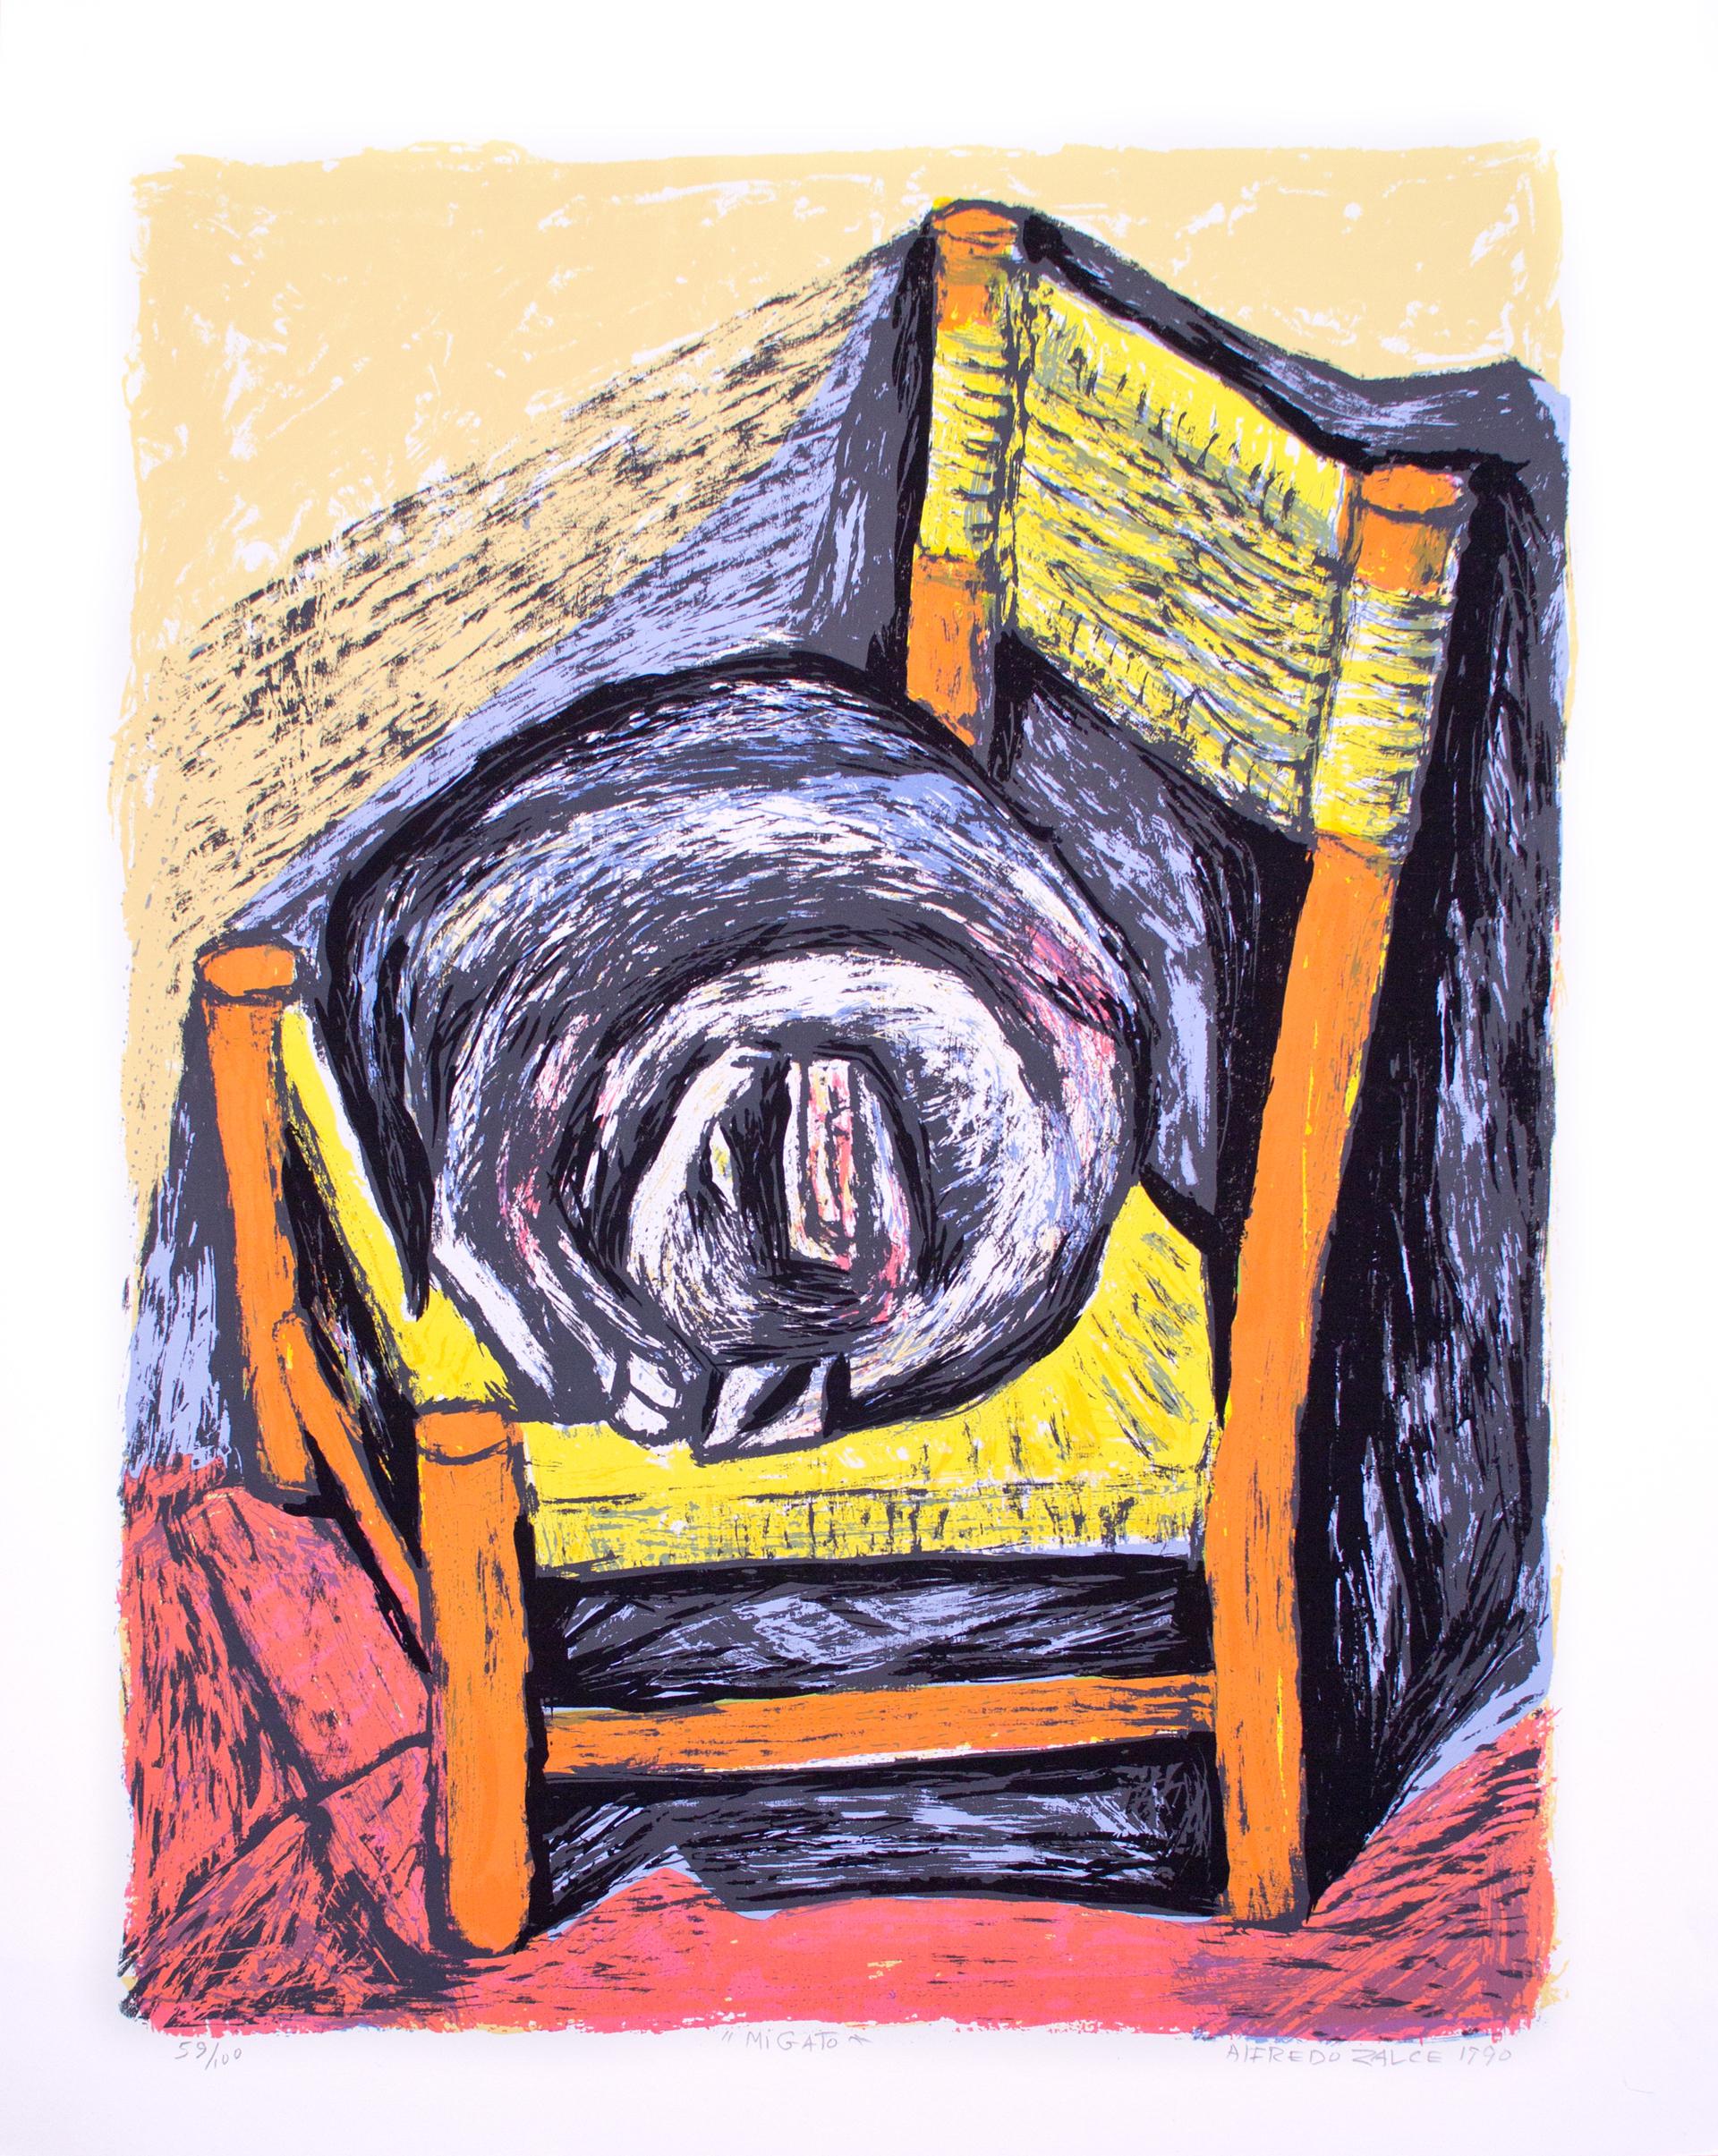 Mi Gato by Alfredo Zalce (1908 - 2003)